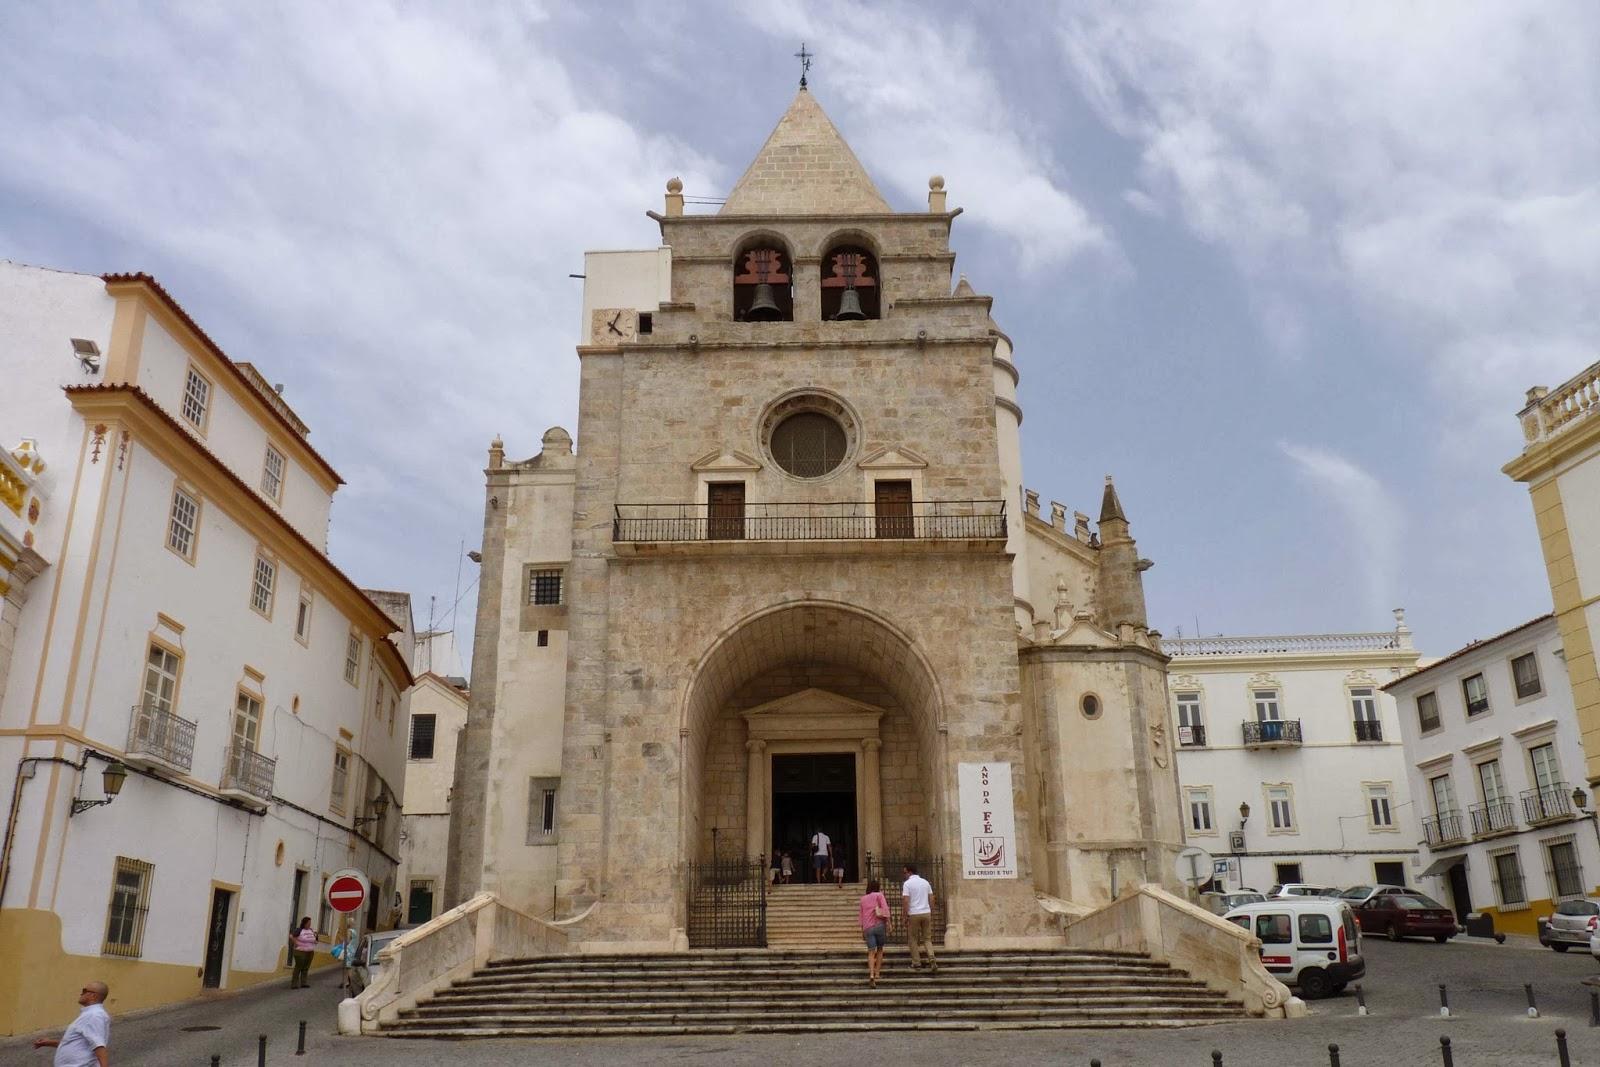 La Iglesia de Nuestra Señora de la Asunción de Elvas.